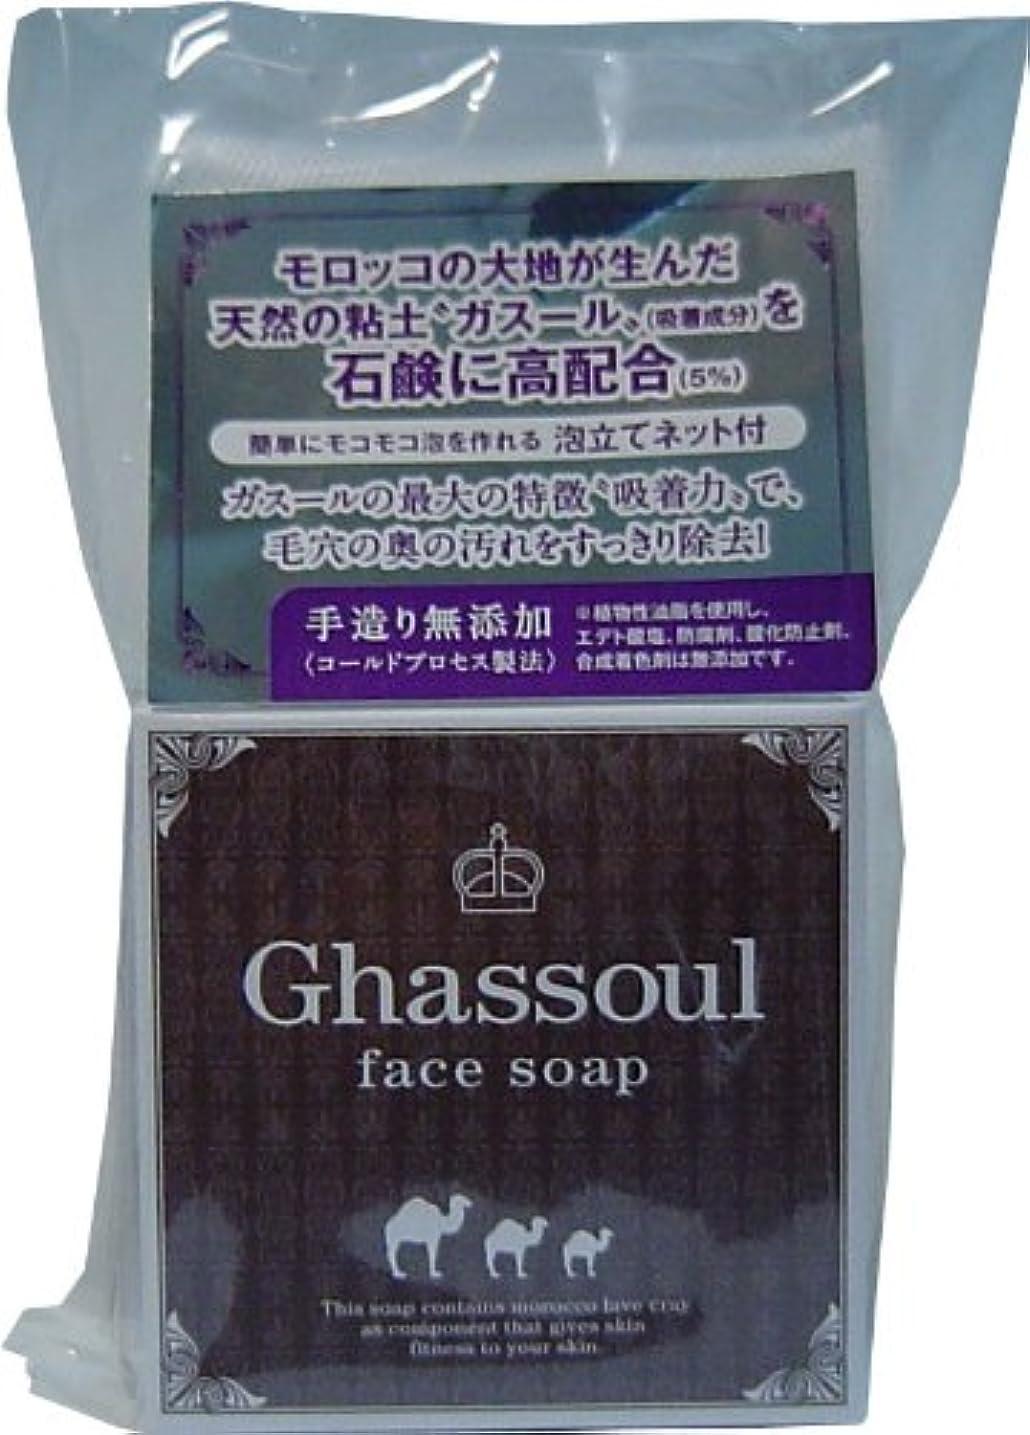 コインランドリー王位アコーGhassoul face soap ガスールフェイスソープ 100g ×5個セット